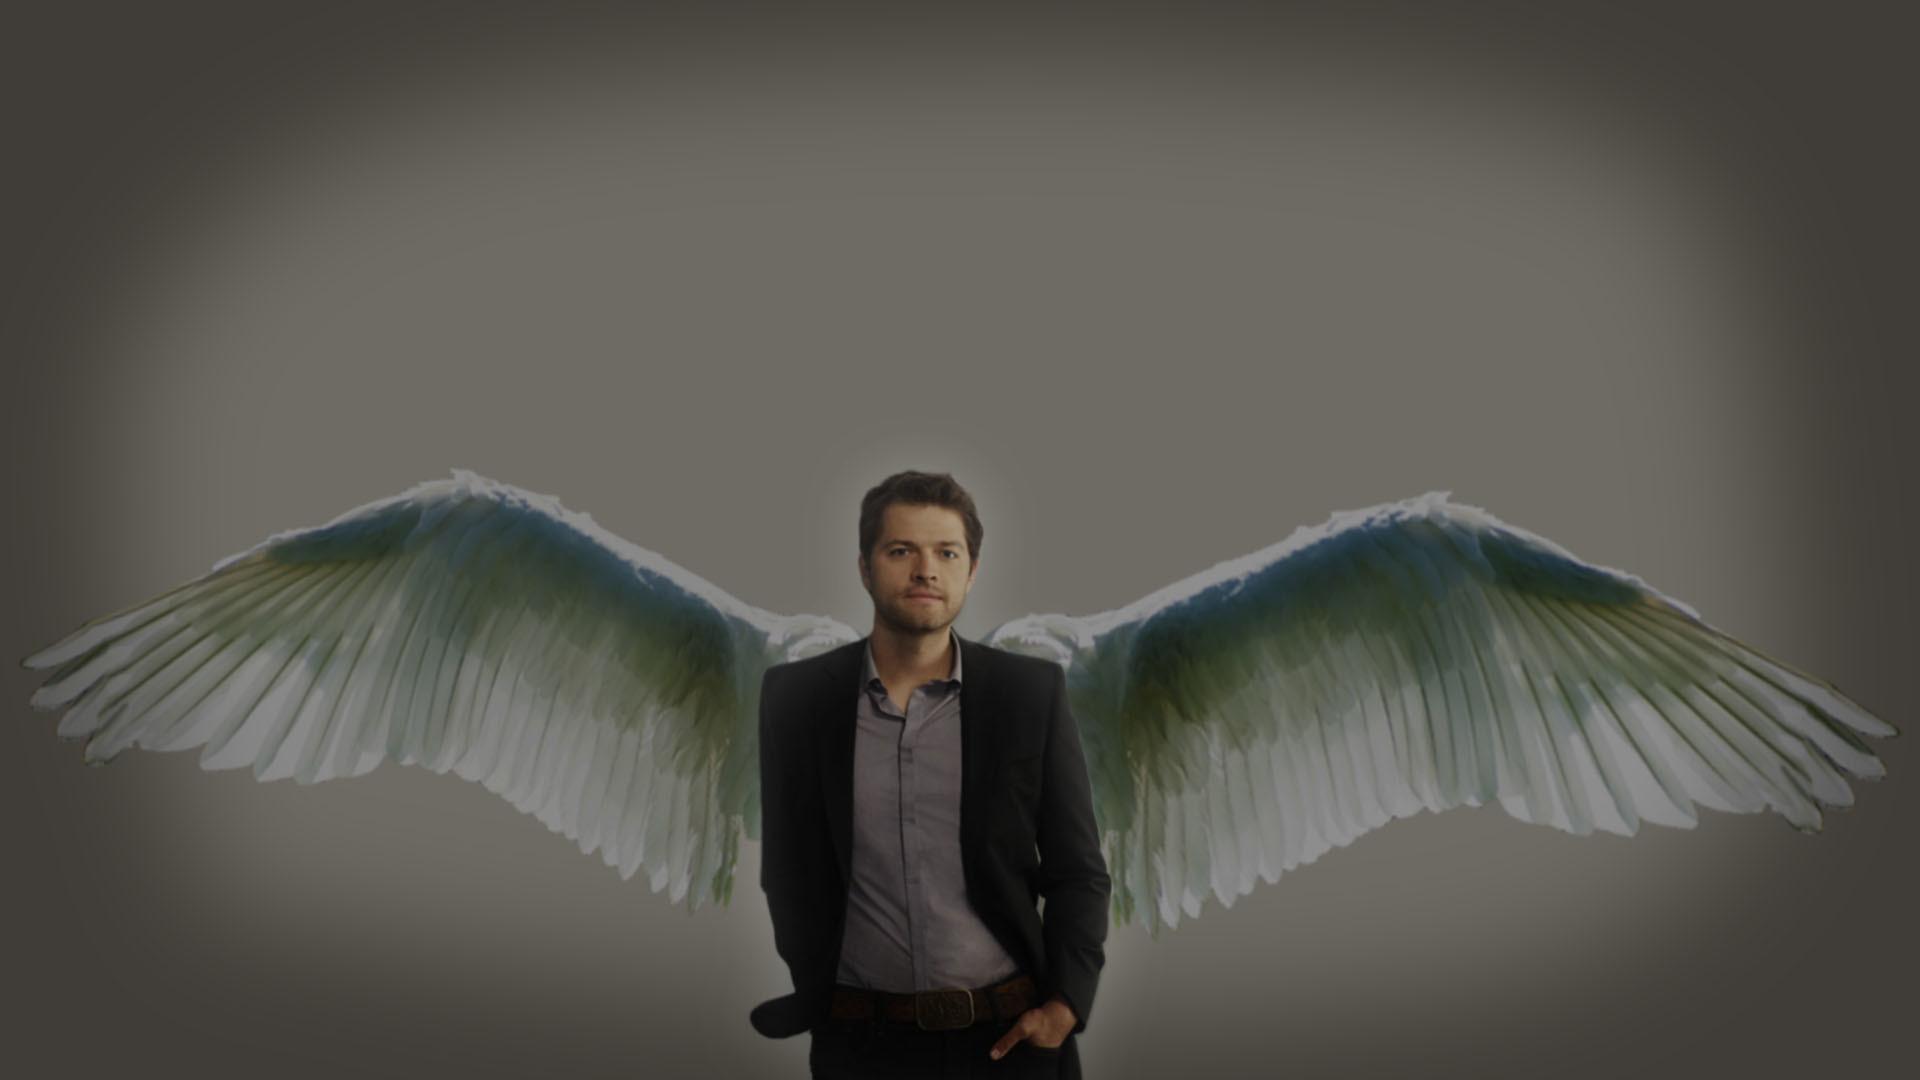 Castiel Angel Wings Wallpaper by WeAreFine Castiel Angel Wings Wallpaper by  WeAreFine